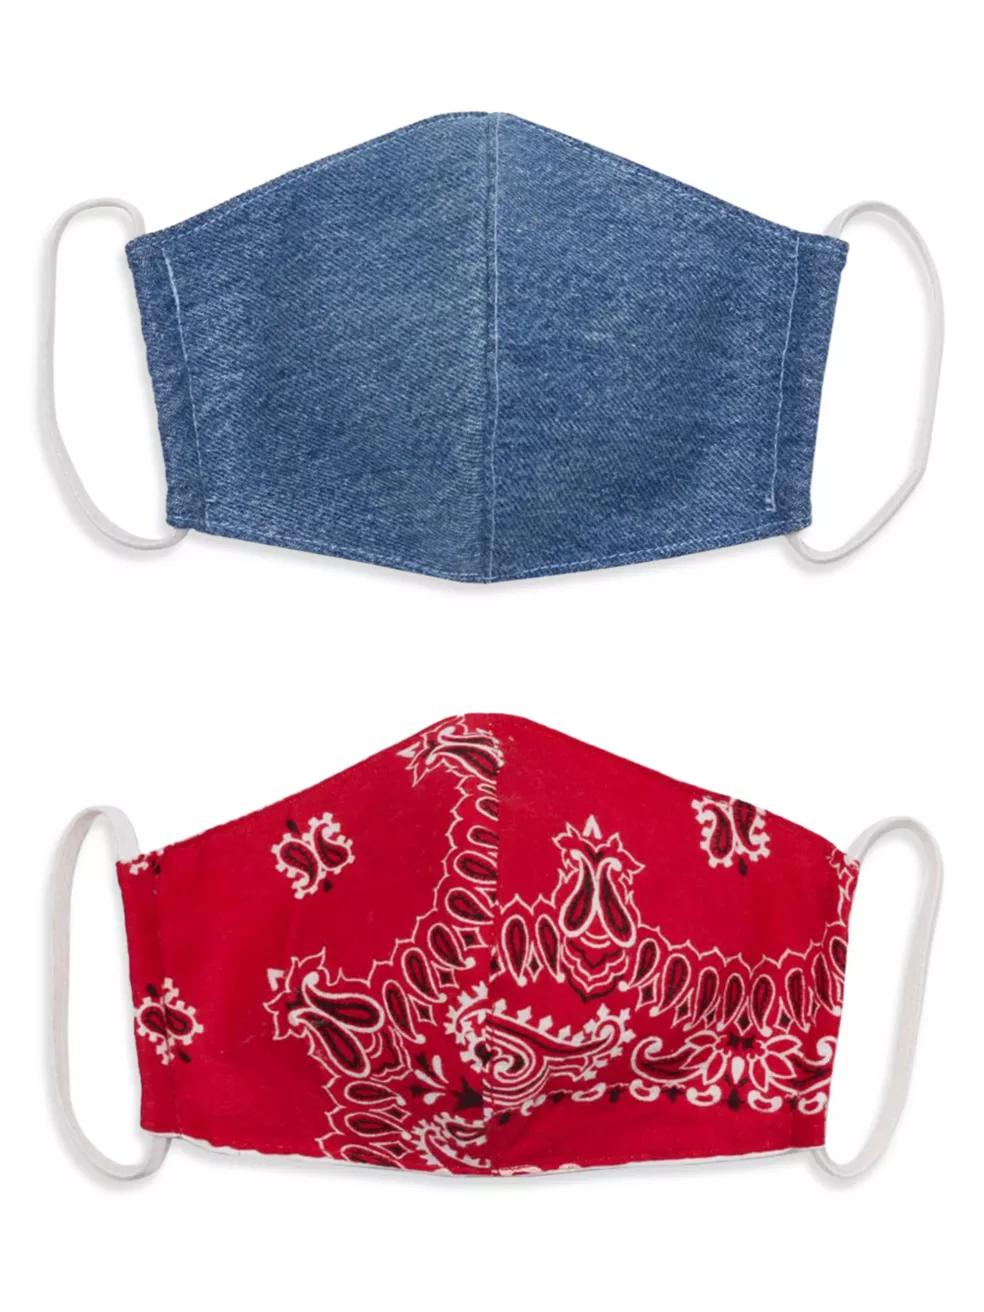 RE/DONE Upcycled Denim & Bandana Face Masks Set